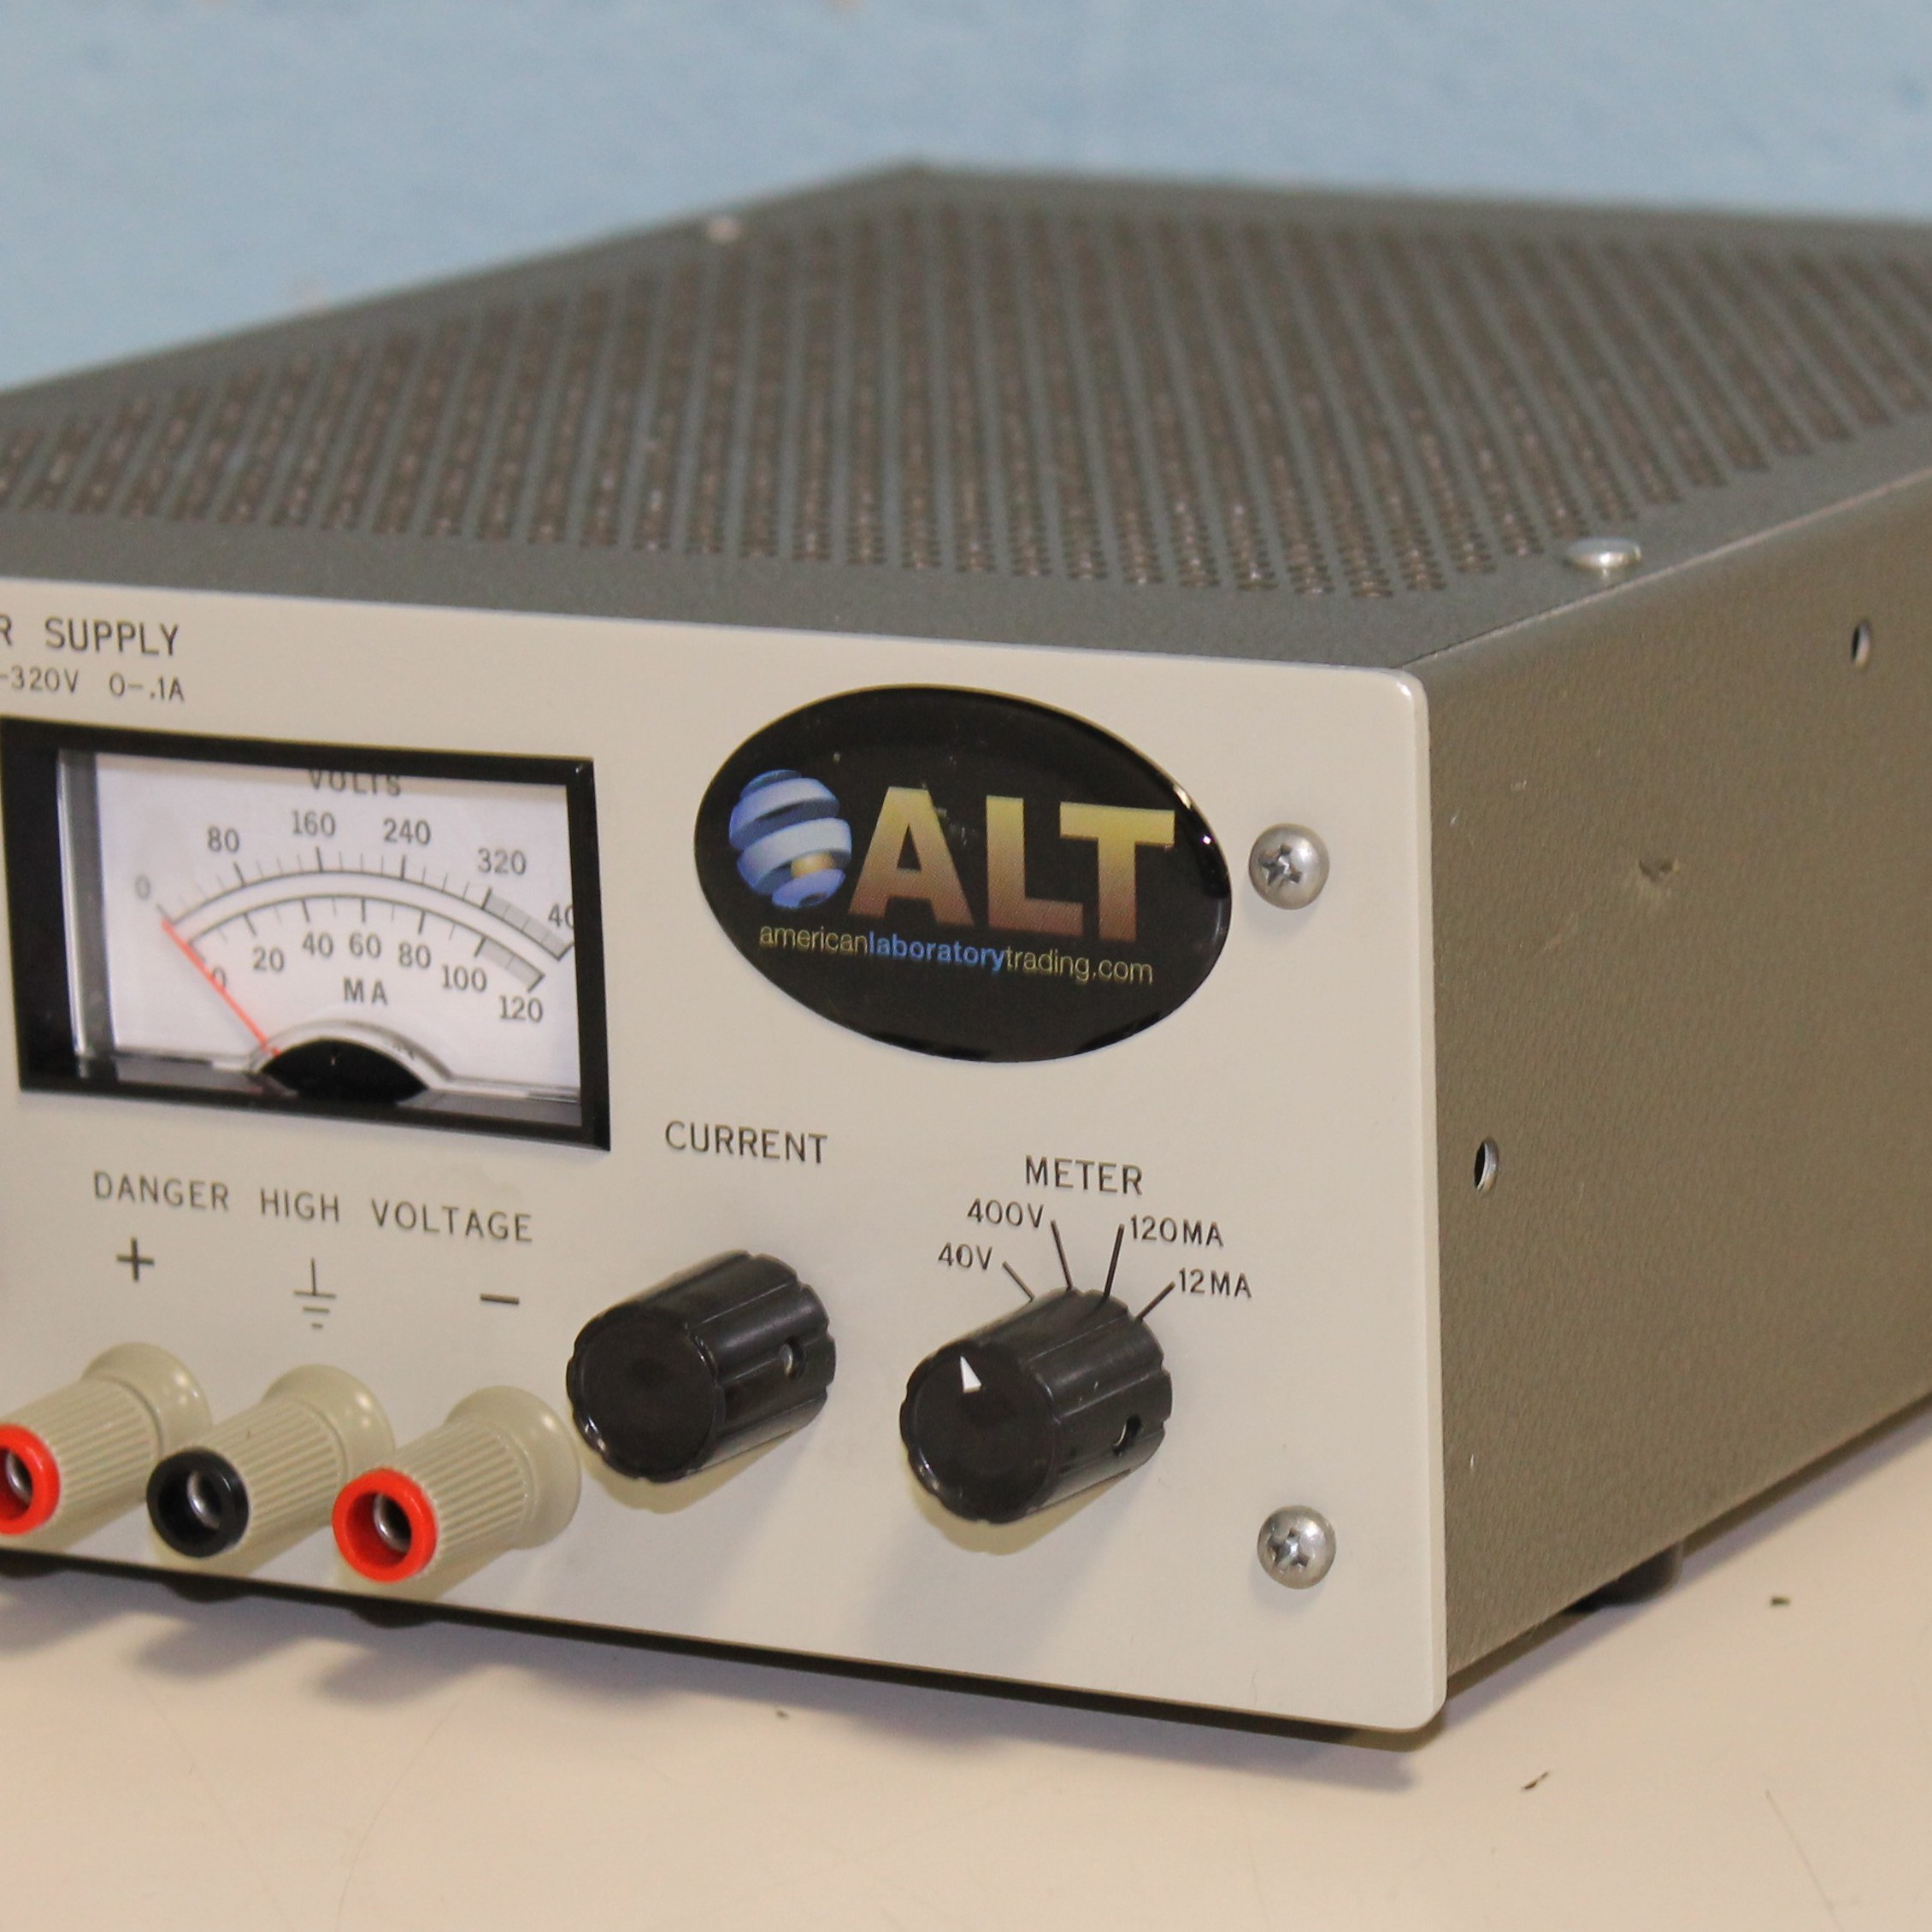 Hewlett Packard 6209B DC Power Supply 0-320V 0-.1A Image